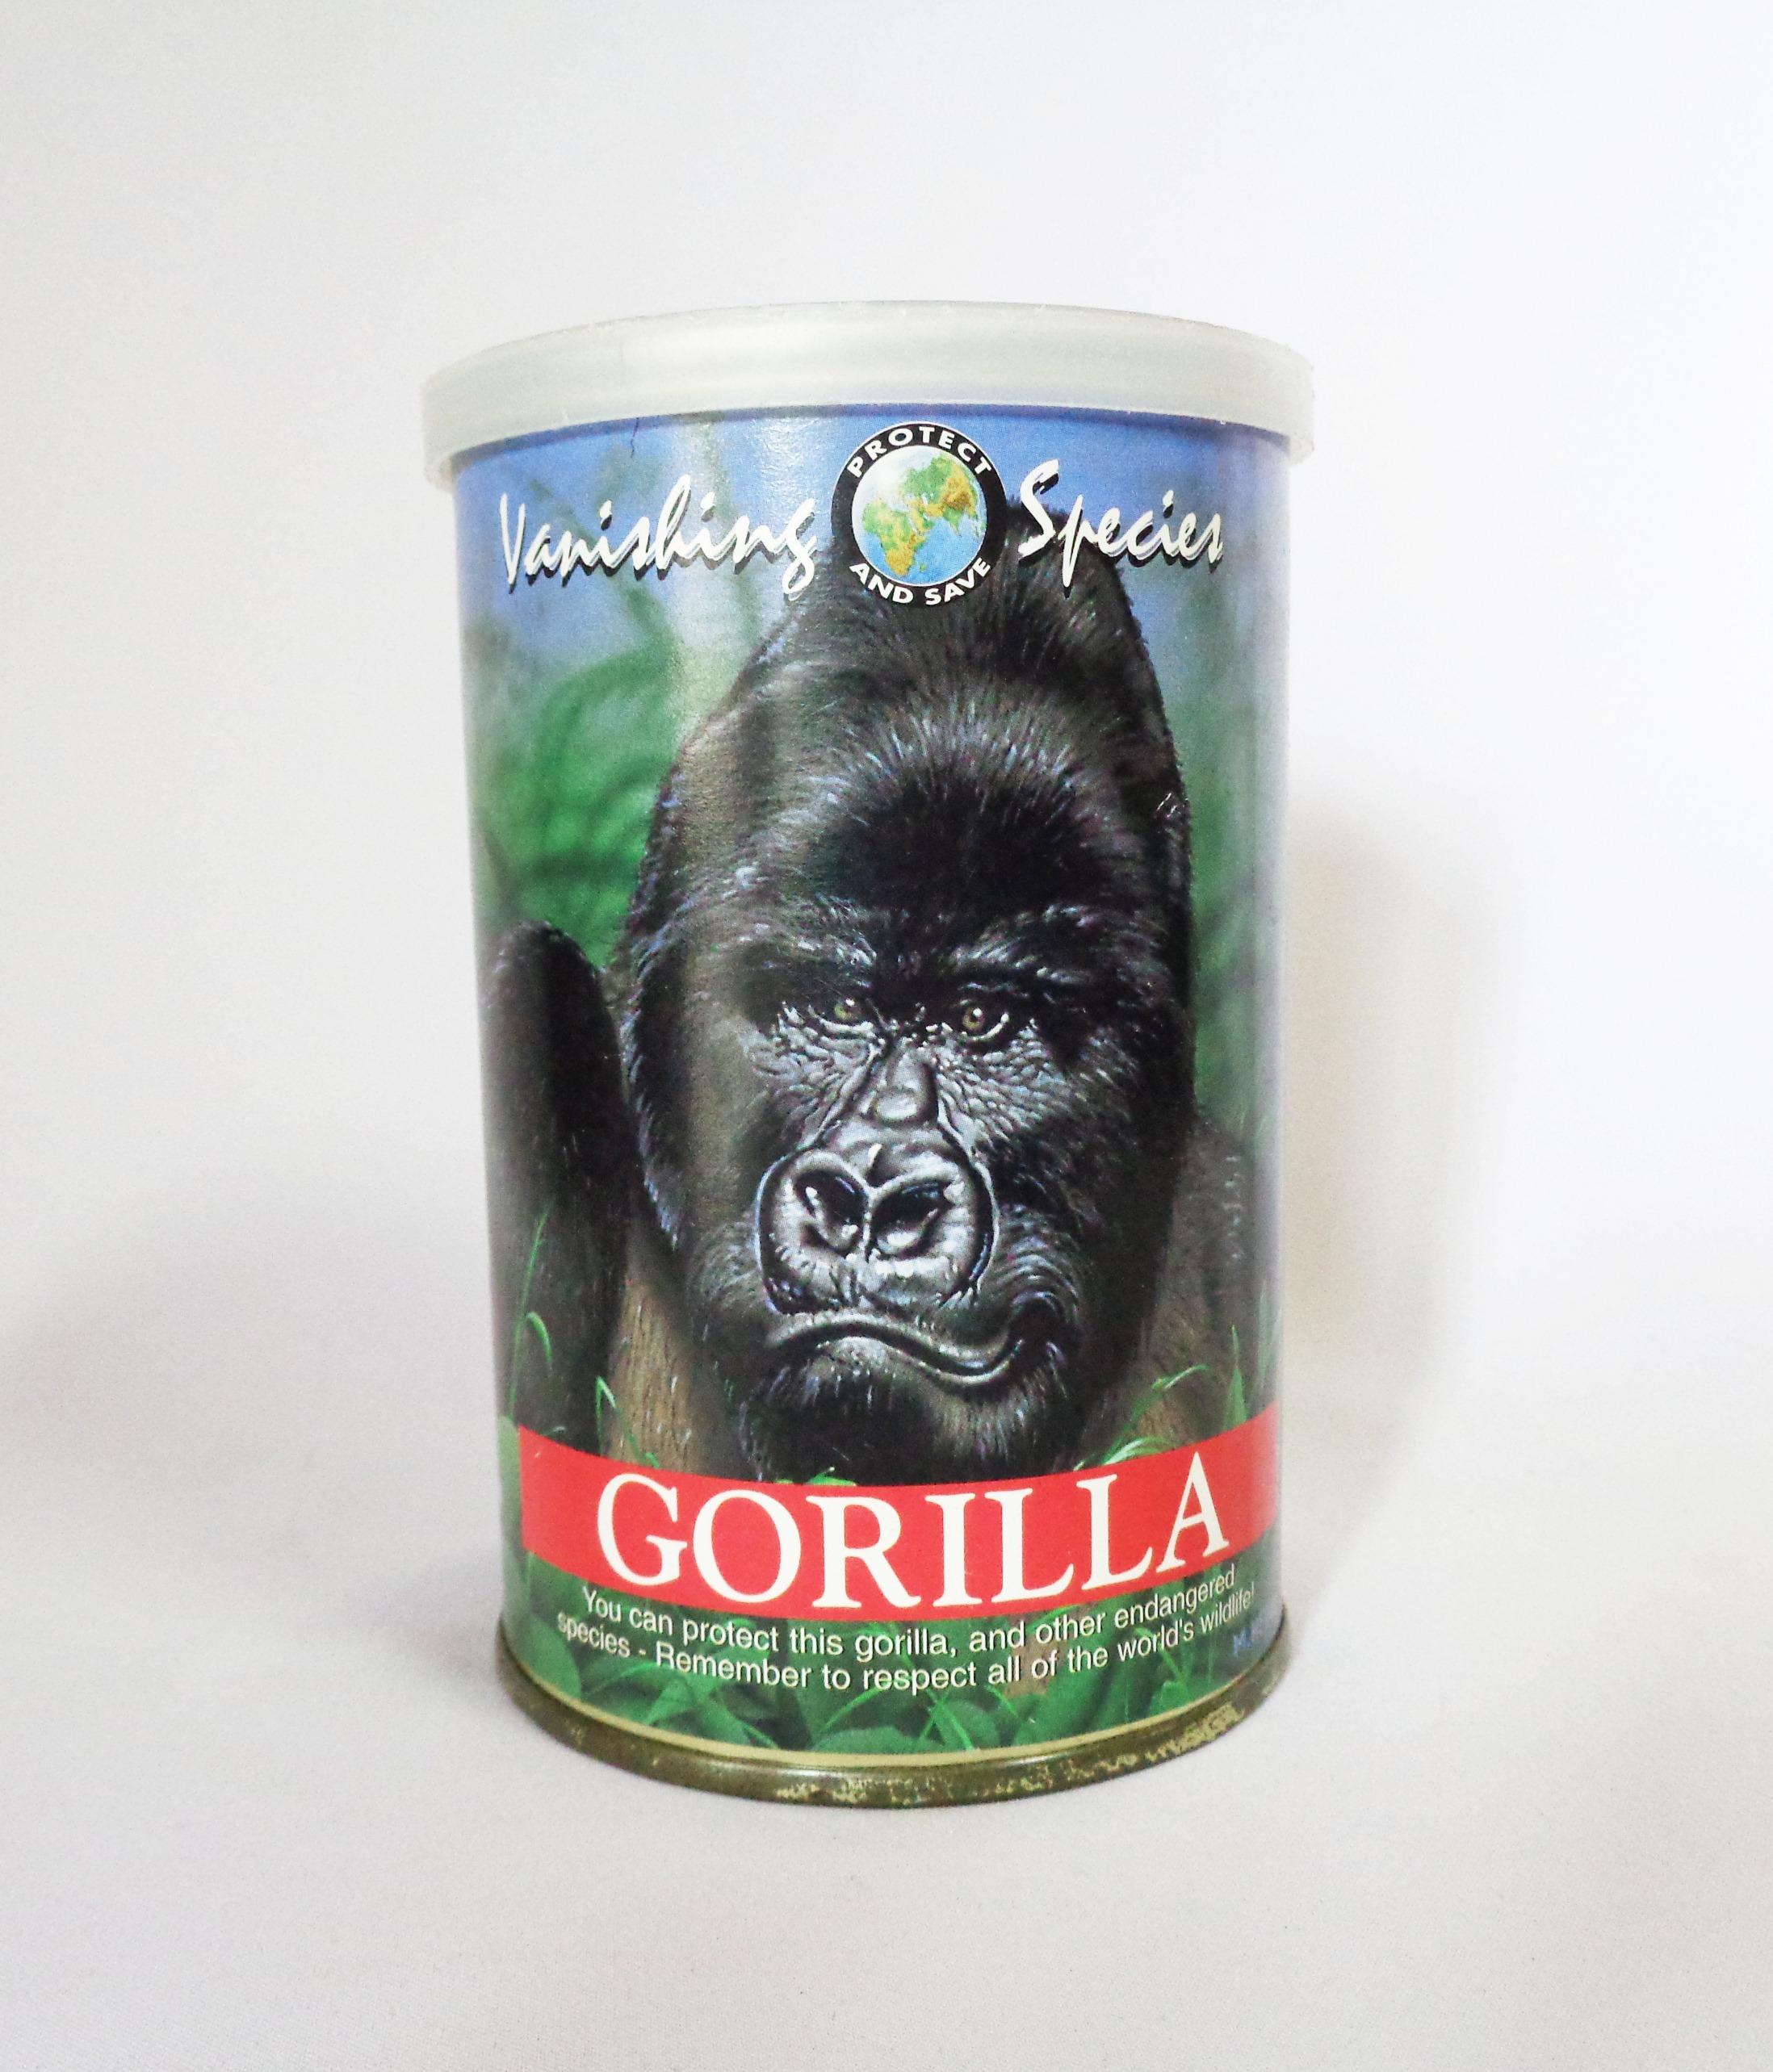 ตุ๊กตากอริลล่าในกระป๋อง - Gorilla Canned Critters